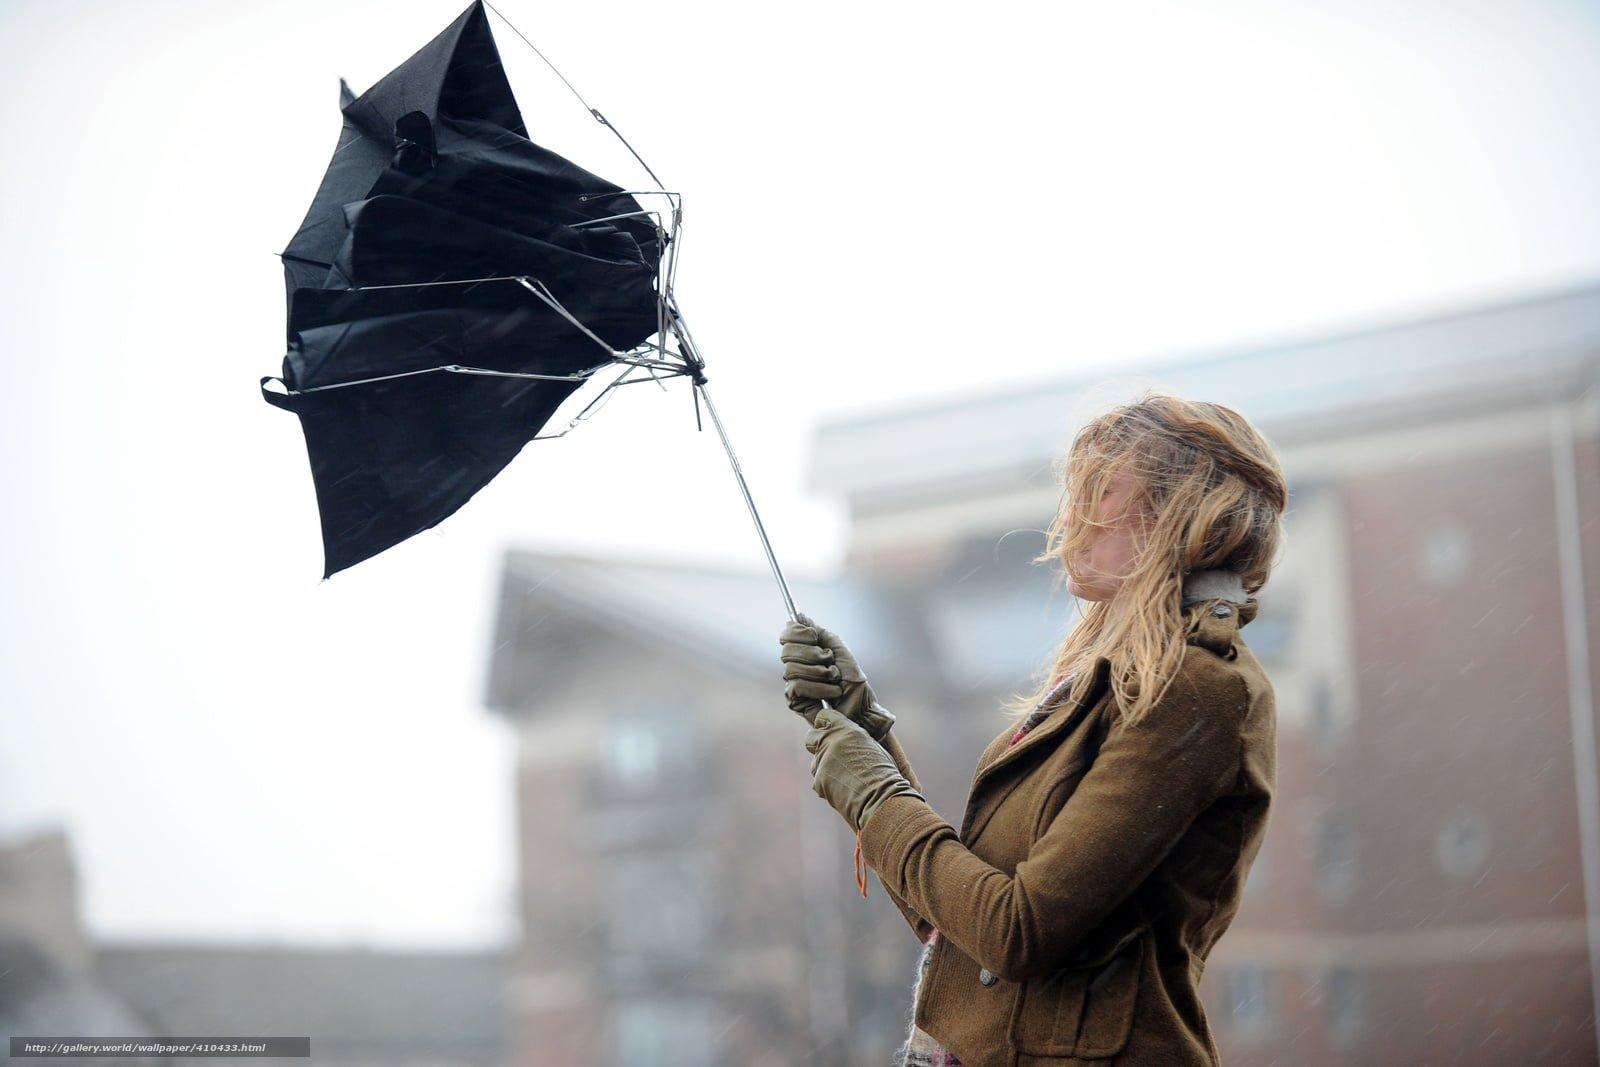 1. Cisza przed burzą - Nadchodzącą, bliską już burzę często zapowiada bardzo silny wiatr, który nagle ustaje. Między zanikiem wiatru, a pojawieniem się deszczu i piorunów mamy zwykle tylko kilkanaście minut czasu, aby schronić się w bezpiecznym miejscu.